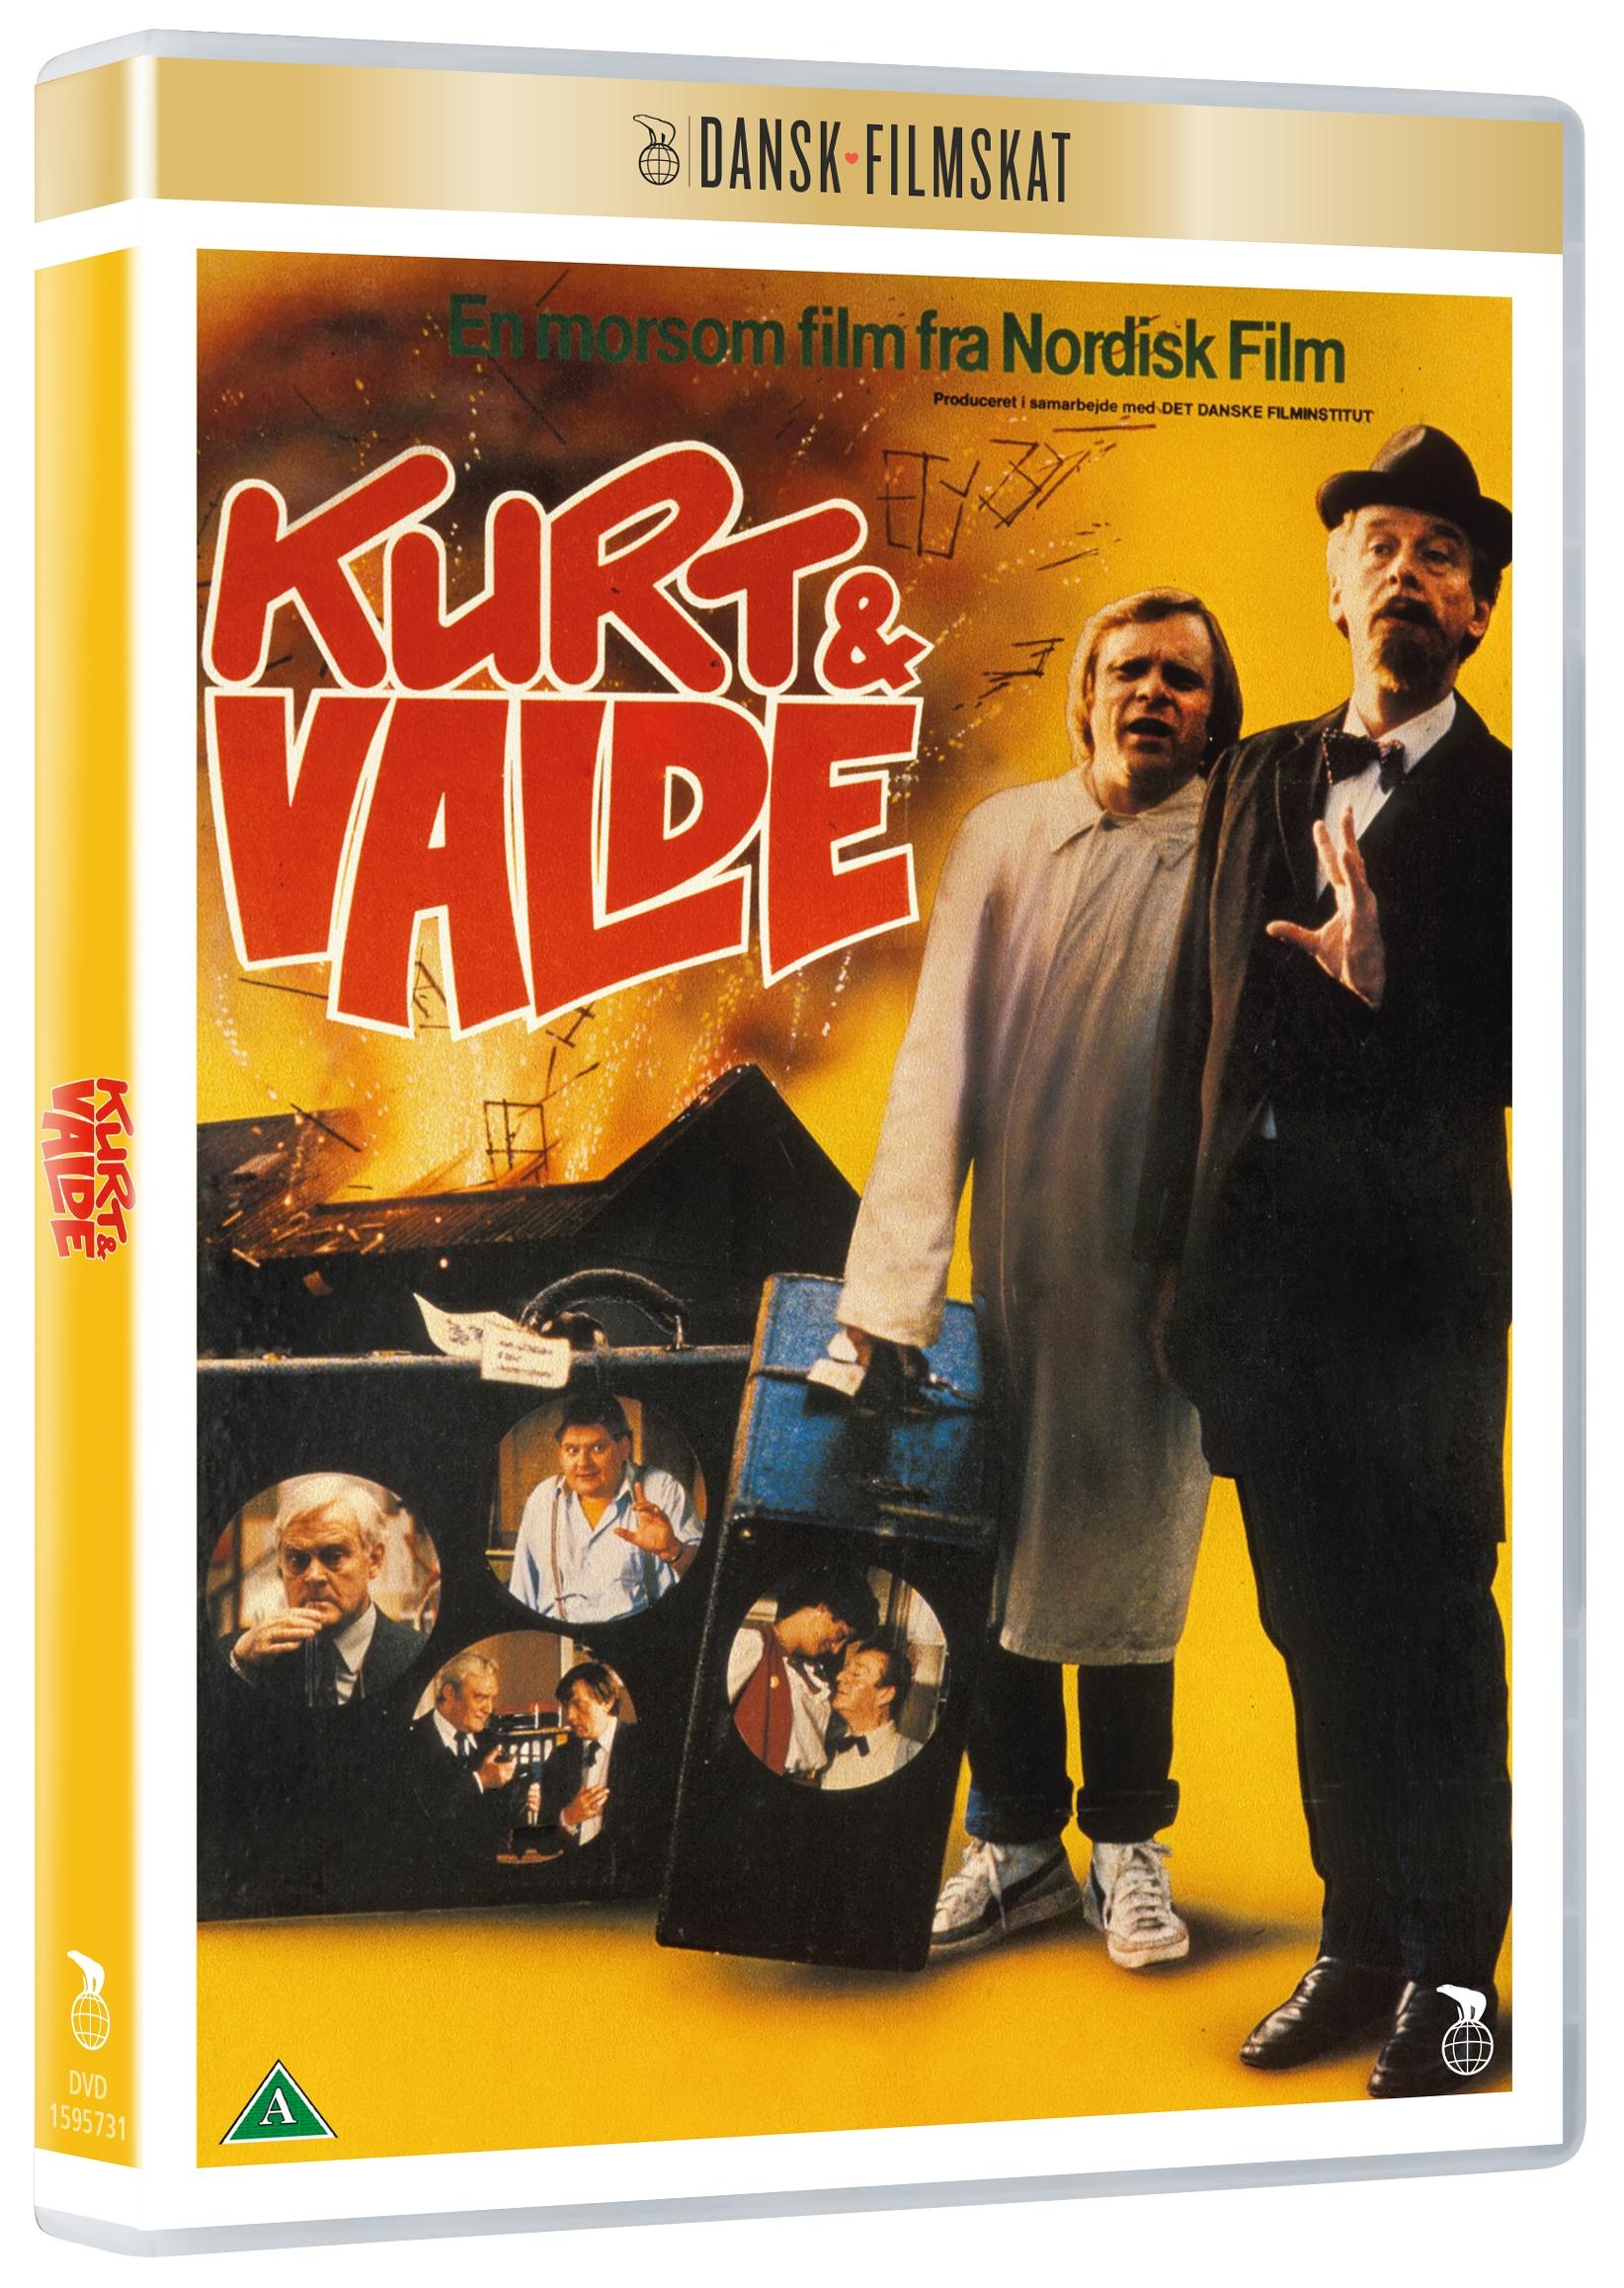 Kurt og Valde -  - Film -  - 5708758667654 - May 15, 2020